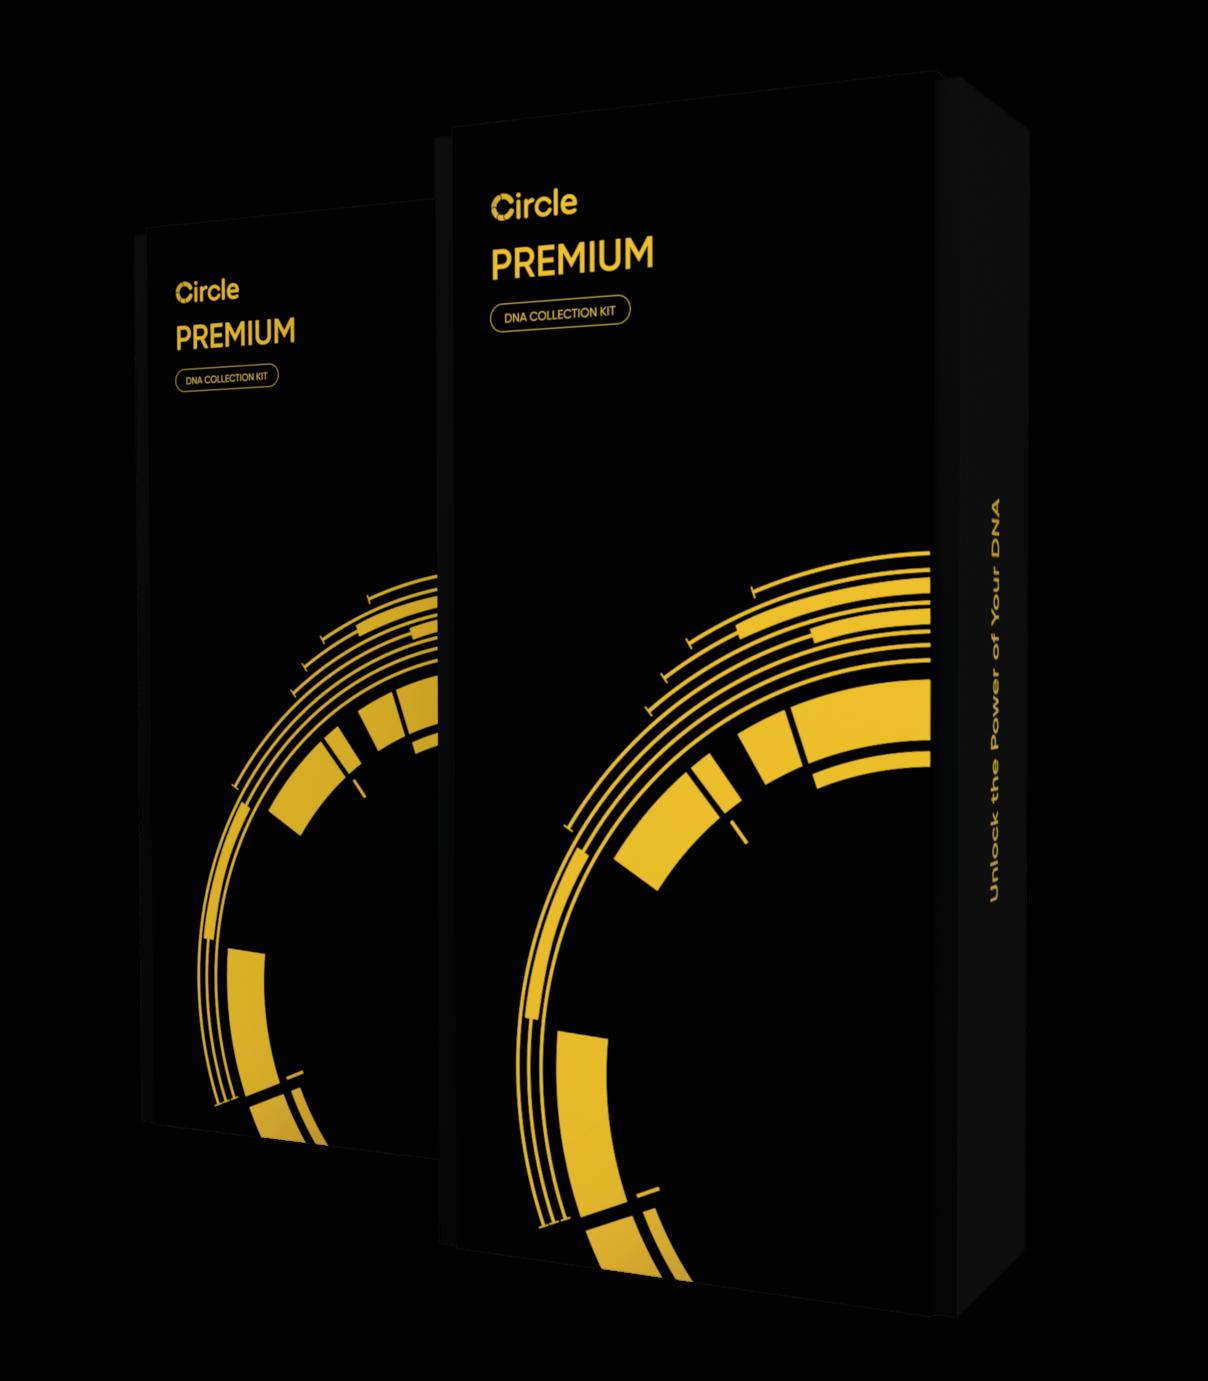 Dịch vụ xét nghiệm GEN Circle Premium, cách mạng công nghệ đột phá.